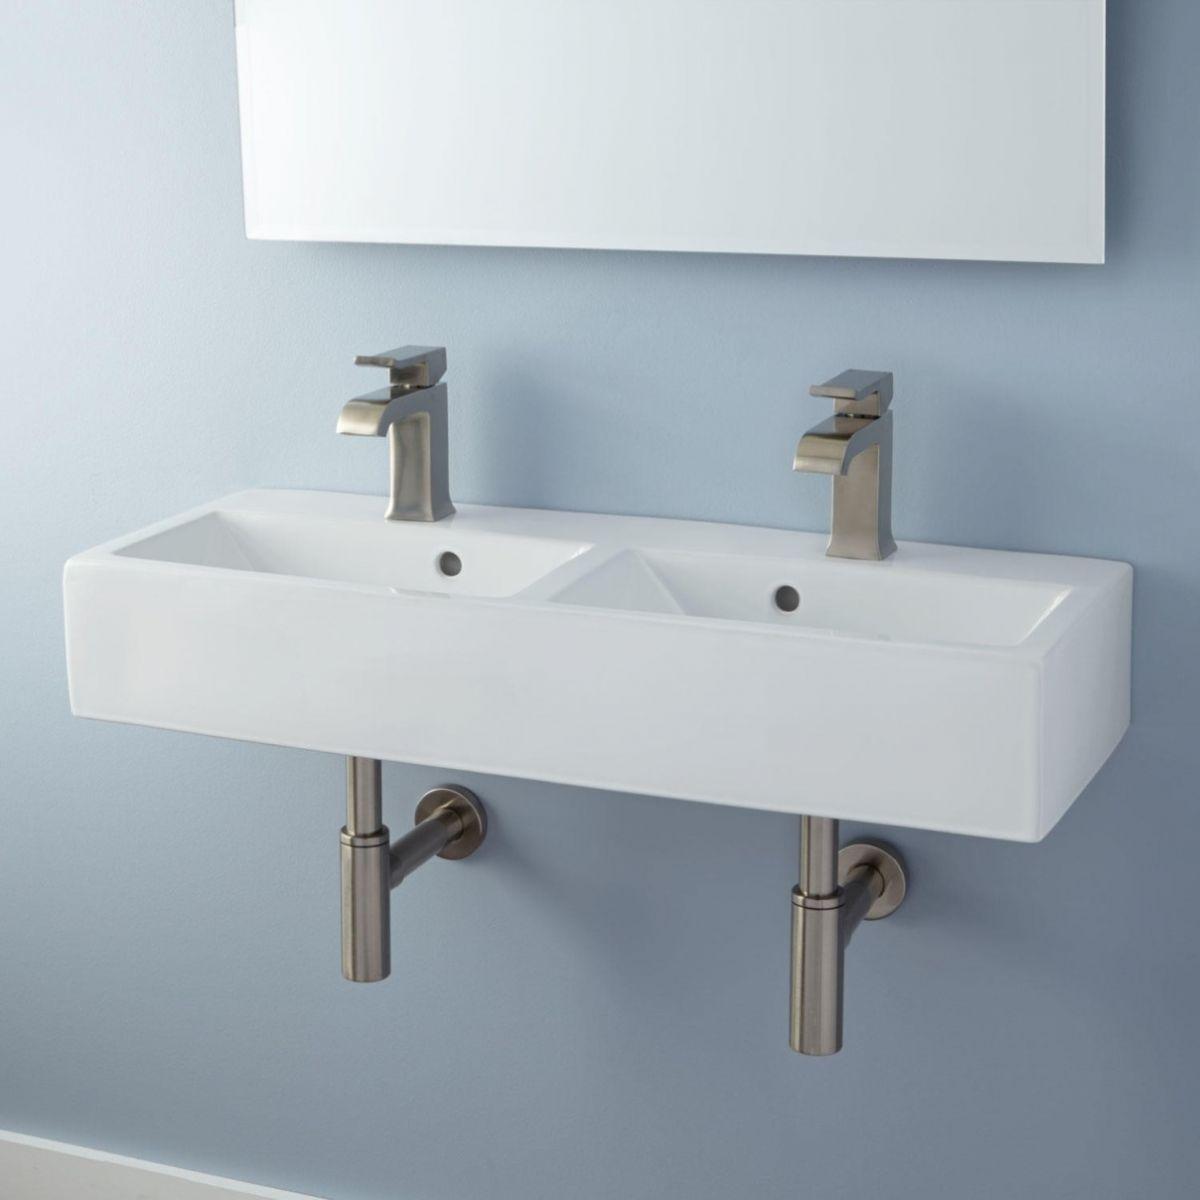 Hướng dẫn chọn kích thước thiết bị vệ sinh Inax chậu rửa mặt phù hợp 1